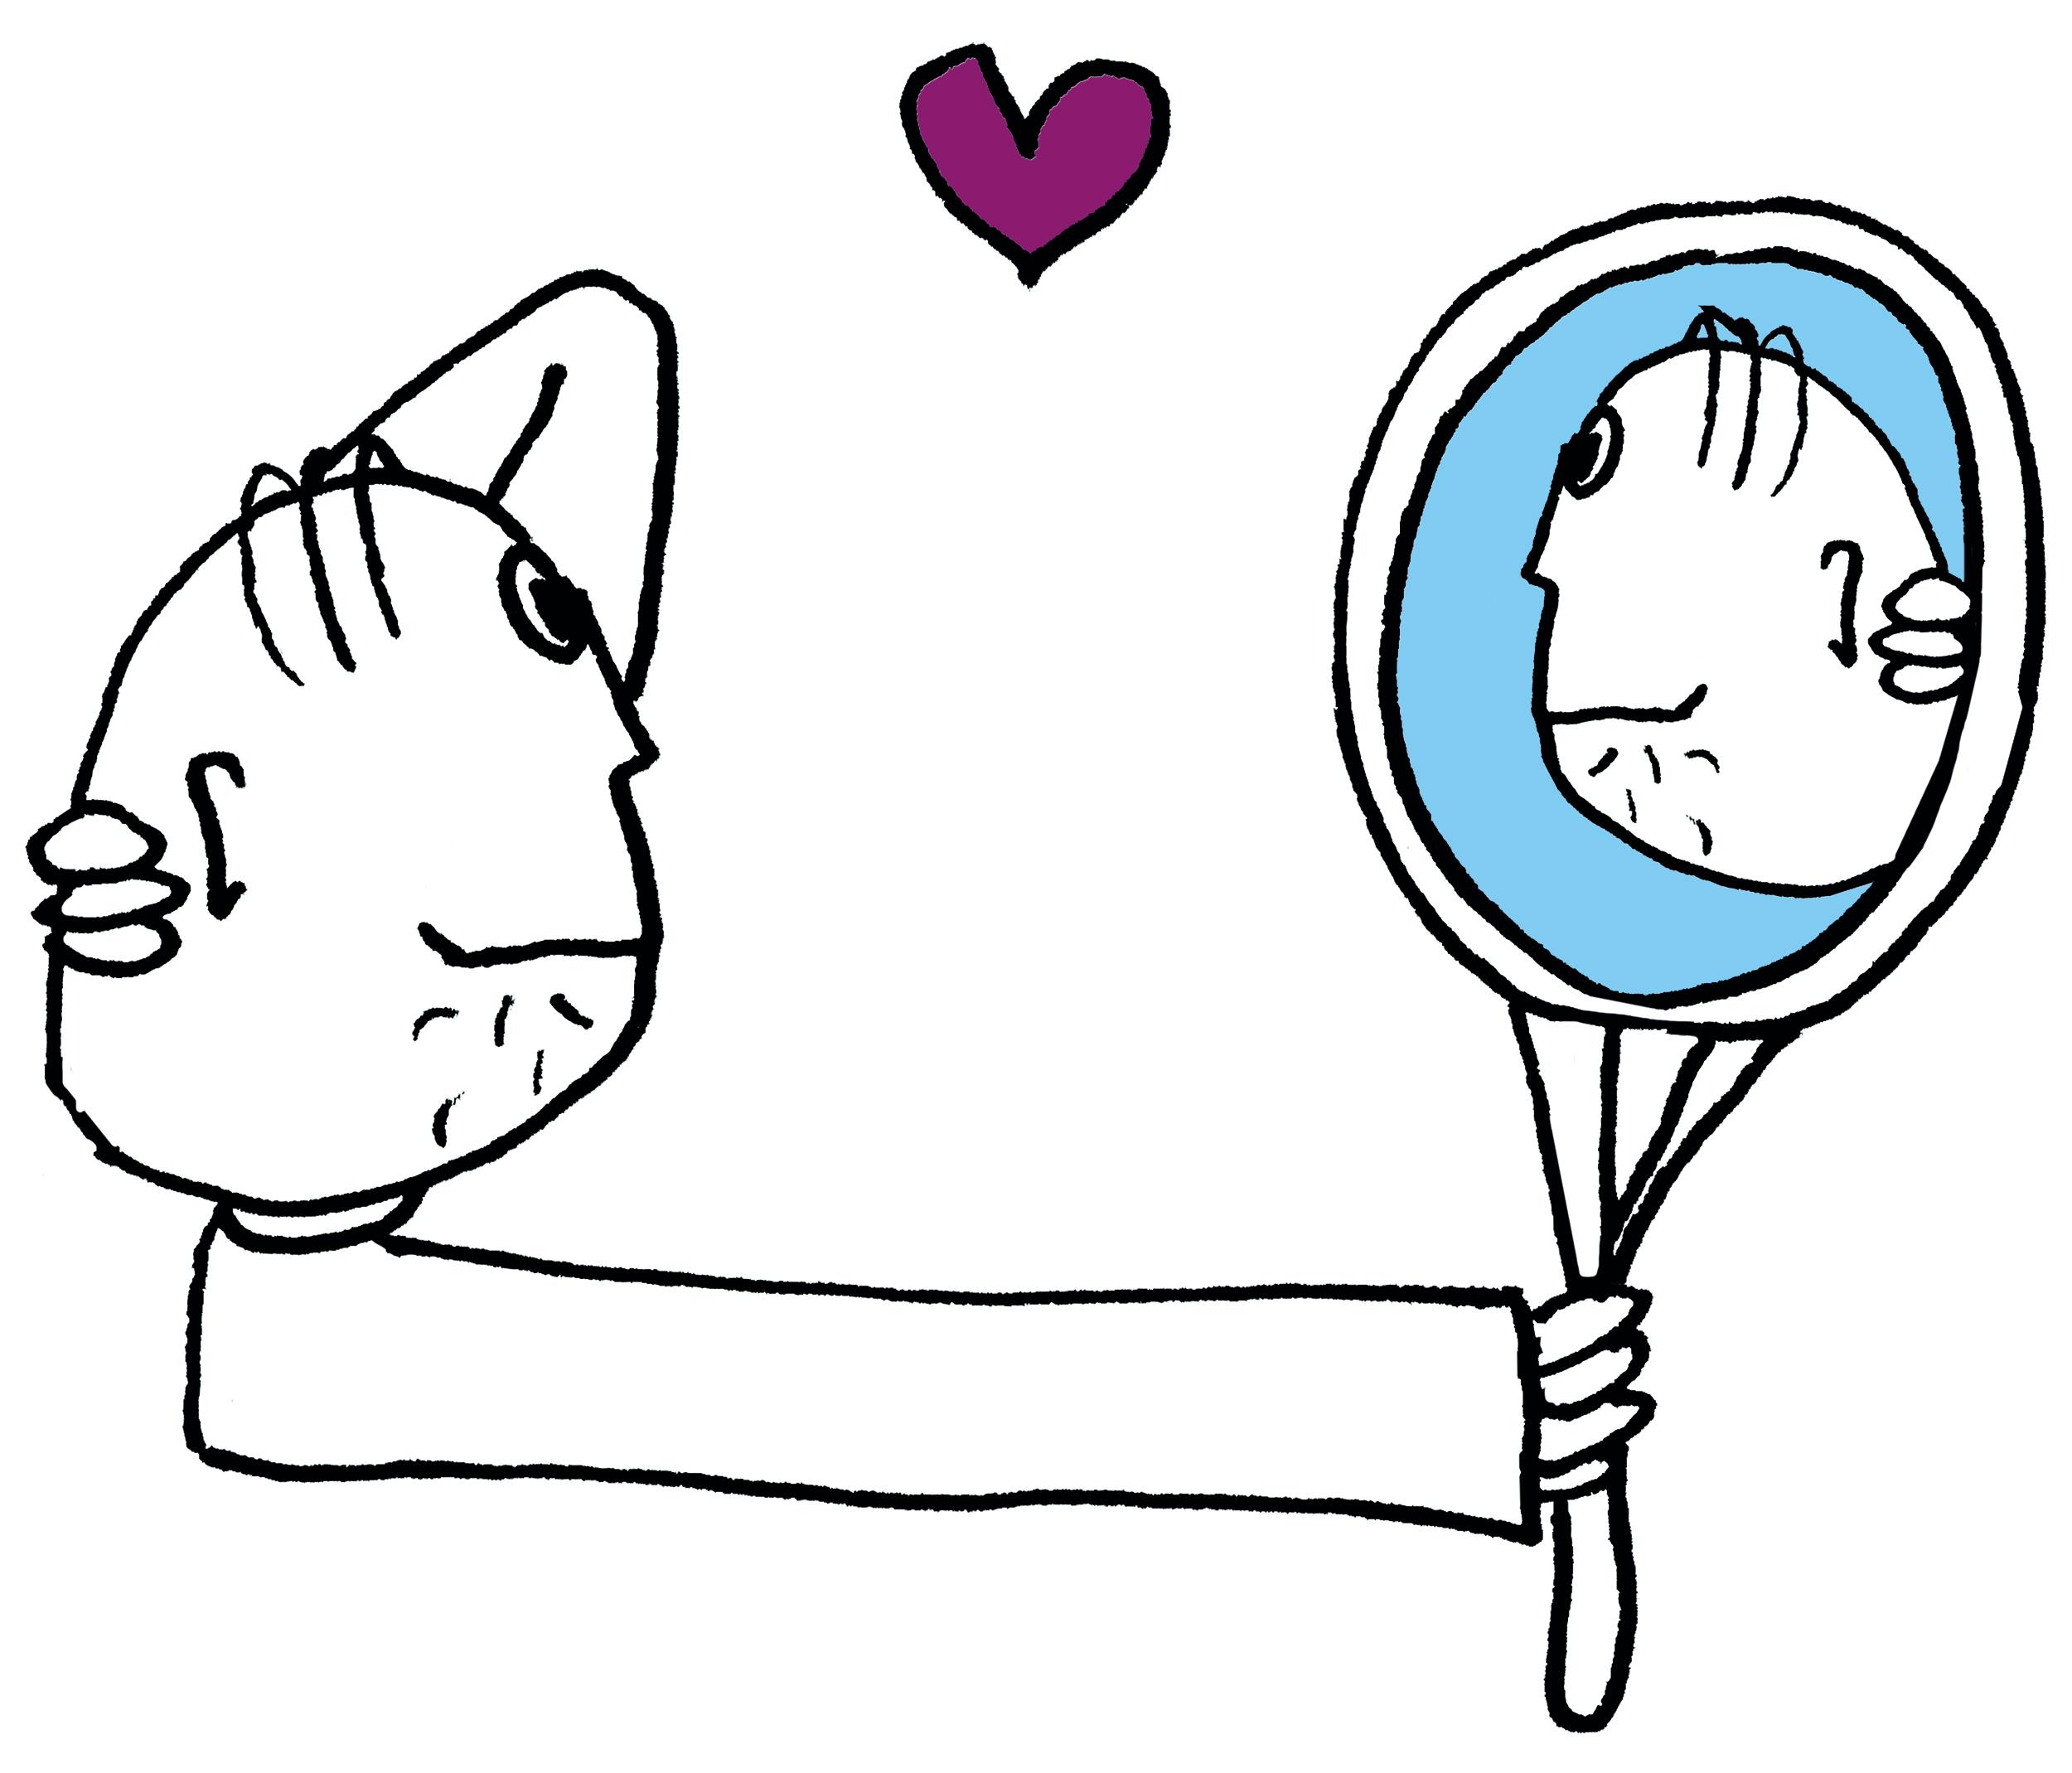 Remonstranten Geloof begint bij jou_tekening mannetje in spiegel